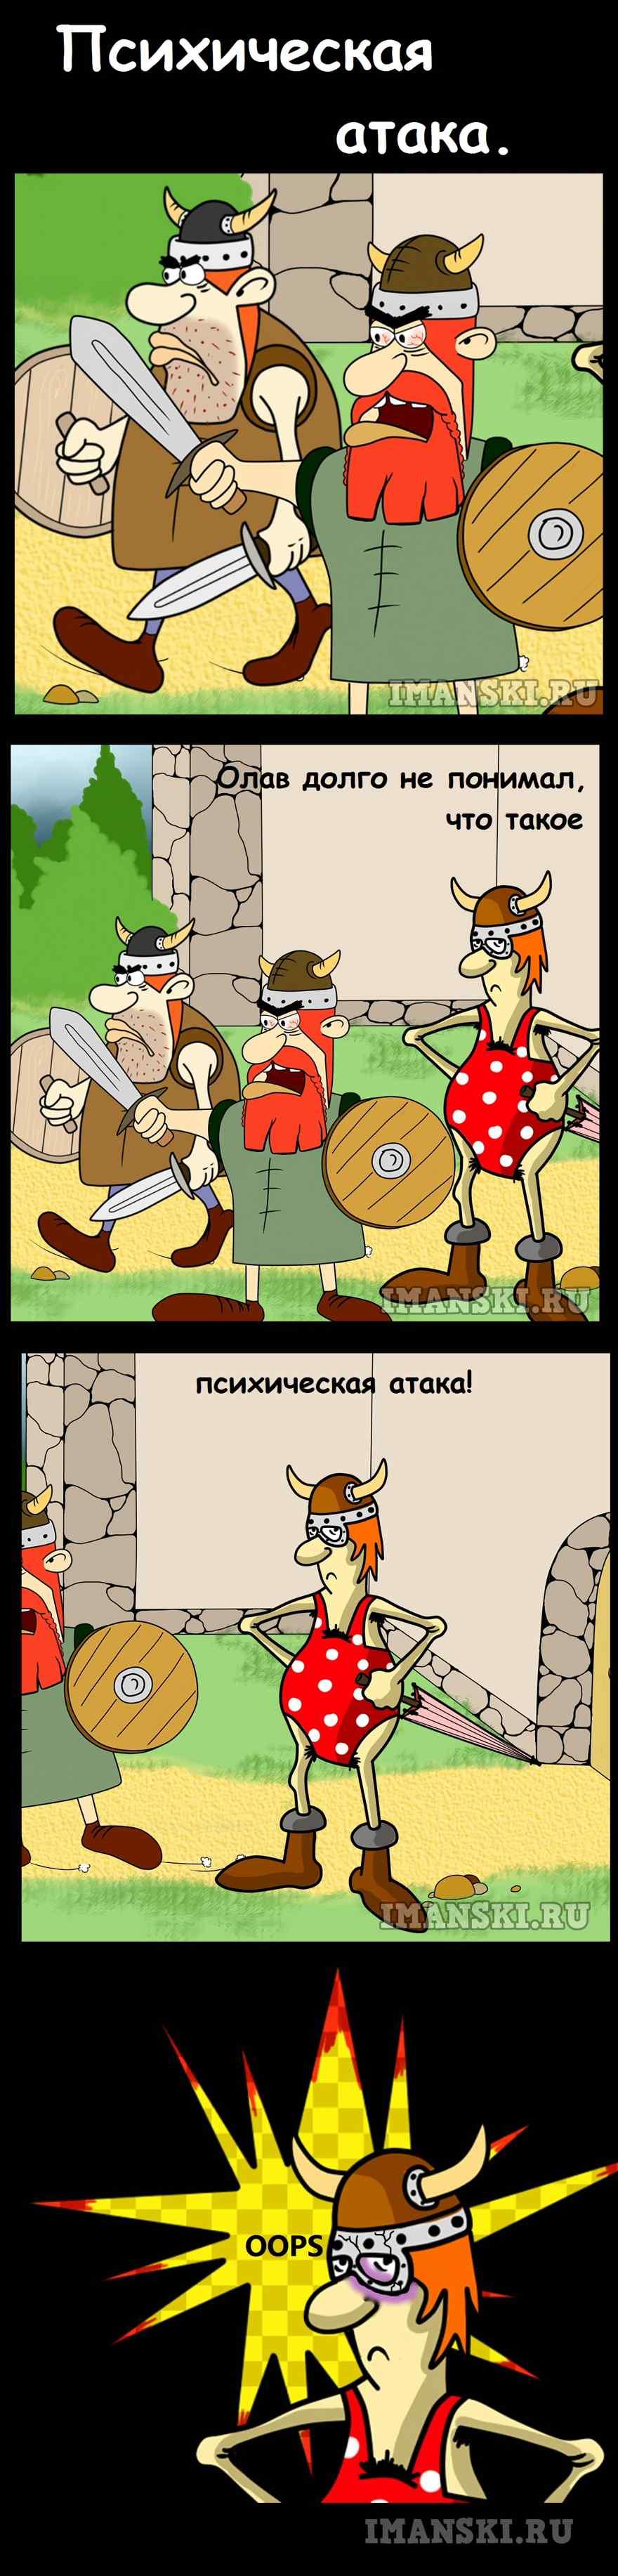 Викинги, Психическая атака. Комикс, Автор Игорь Иманский.